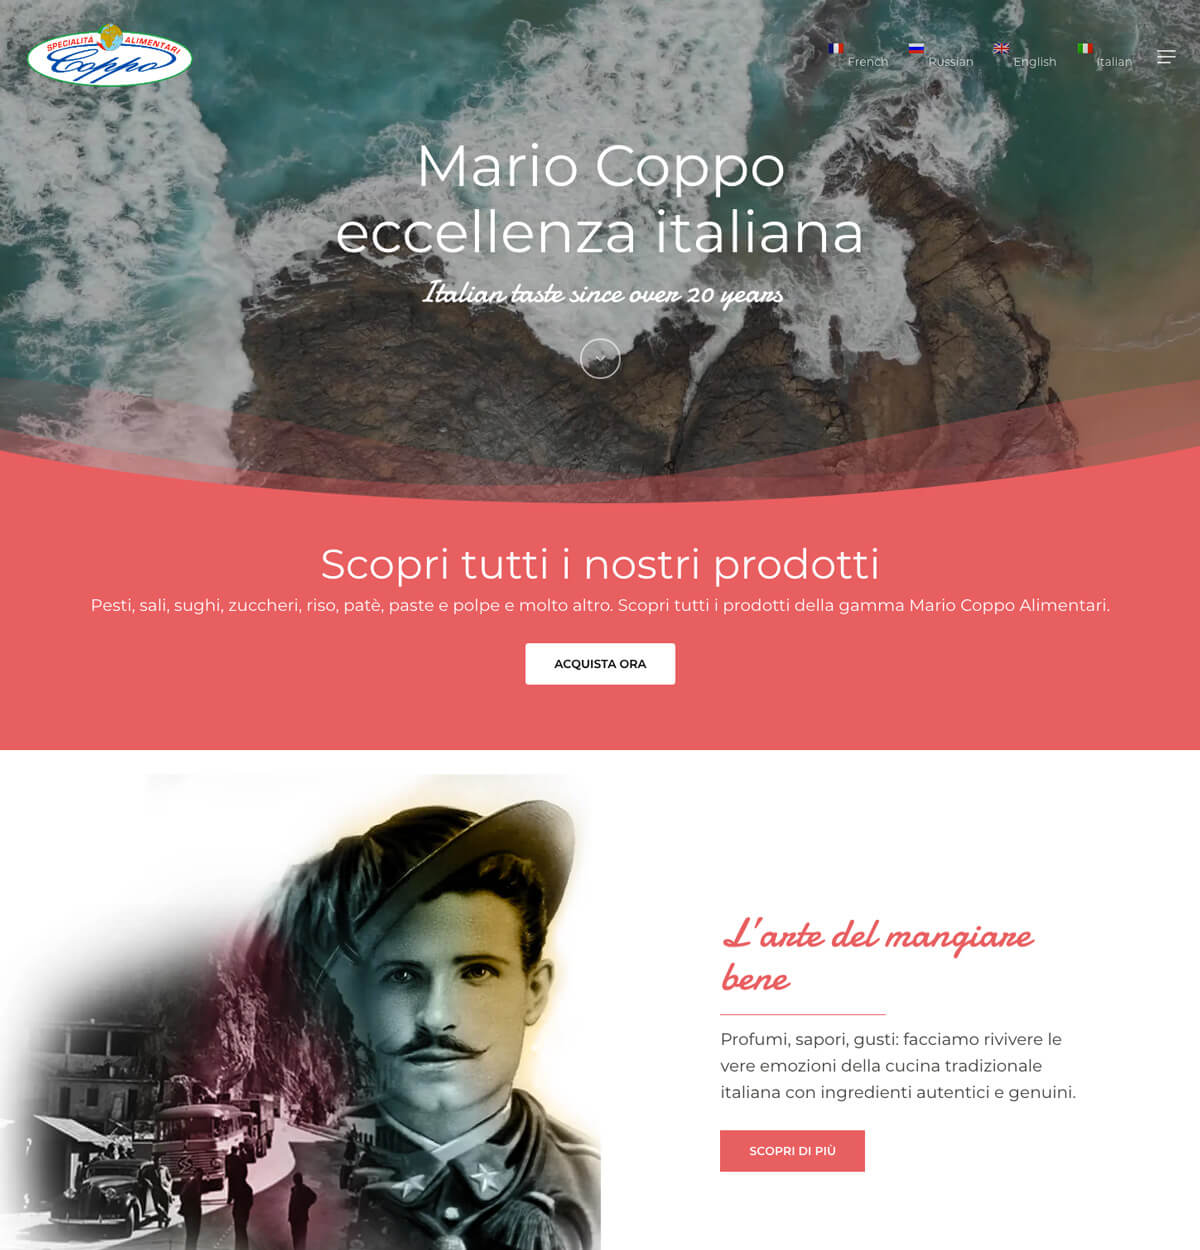 Coppo Alimentari - Sito web Liguria